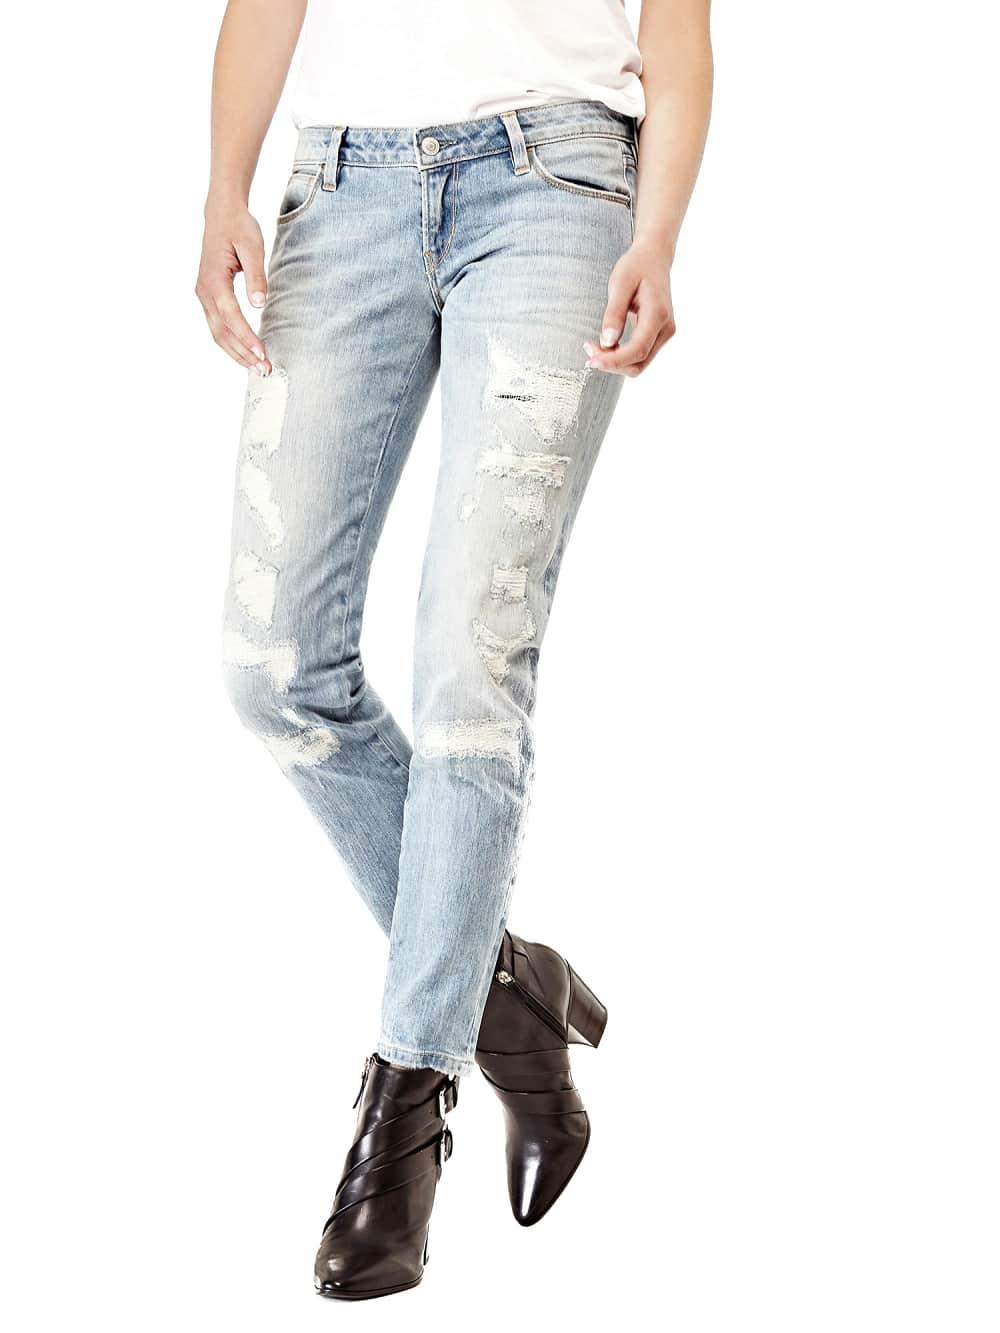 Artikel klicken und genauer betrachten! - Stretchjeans aus Baumwolldenim.  Passform Skinny.  Niedriger Bund, Bein und Beinabschluss eng.  5-Pocket-Stil.  Verschluss mit Reißverschluss und Knopf.    Abriebstellen auf der Vorderseite. Dezente Used-Optik. 98% Baumwolle 2% Elastan. Maschinenwäsche bei 30°. Denim-Stoffgewicht 11,50 Oz. Abgebildet ist Größe 27, Maße: Innere Beinlänge ca. 73,66 cm. Fällt größengetreu aus. | im Online Shop kaufen